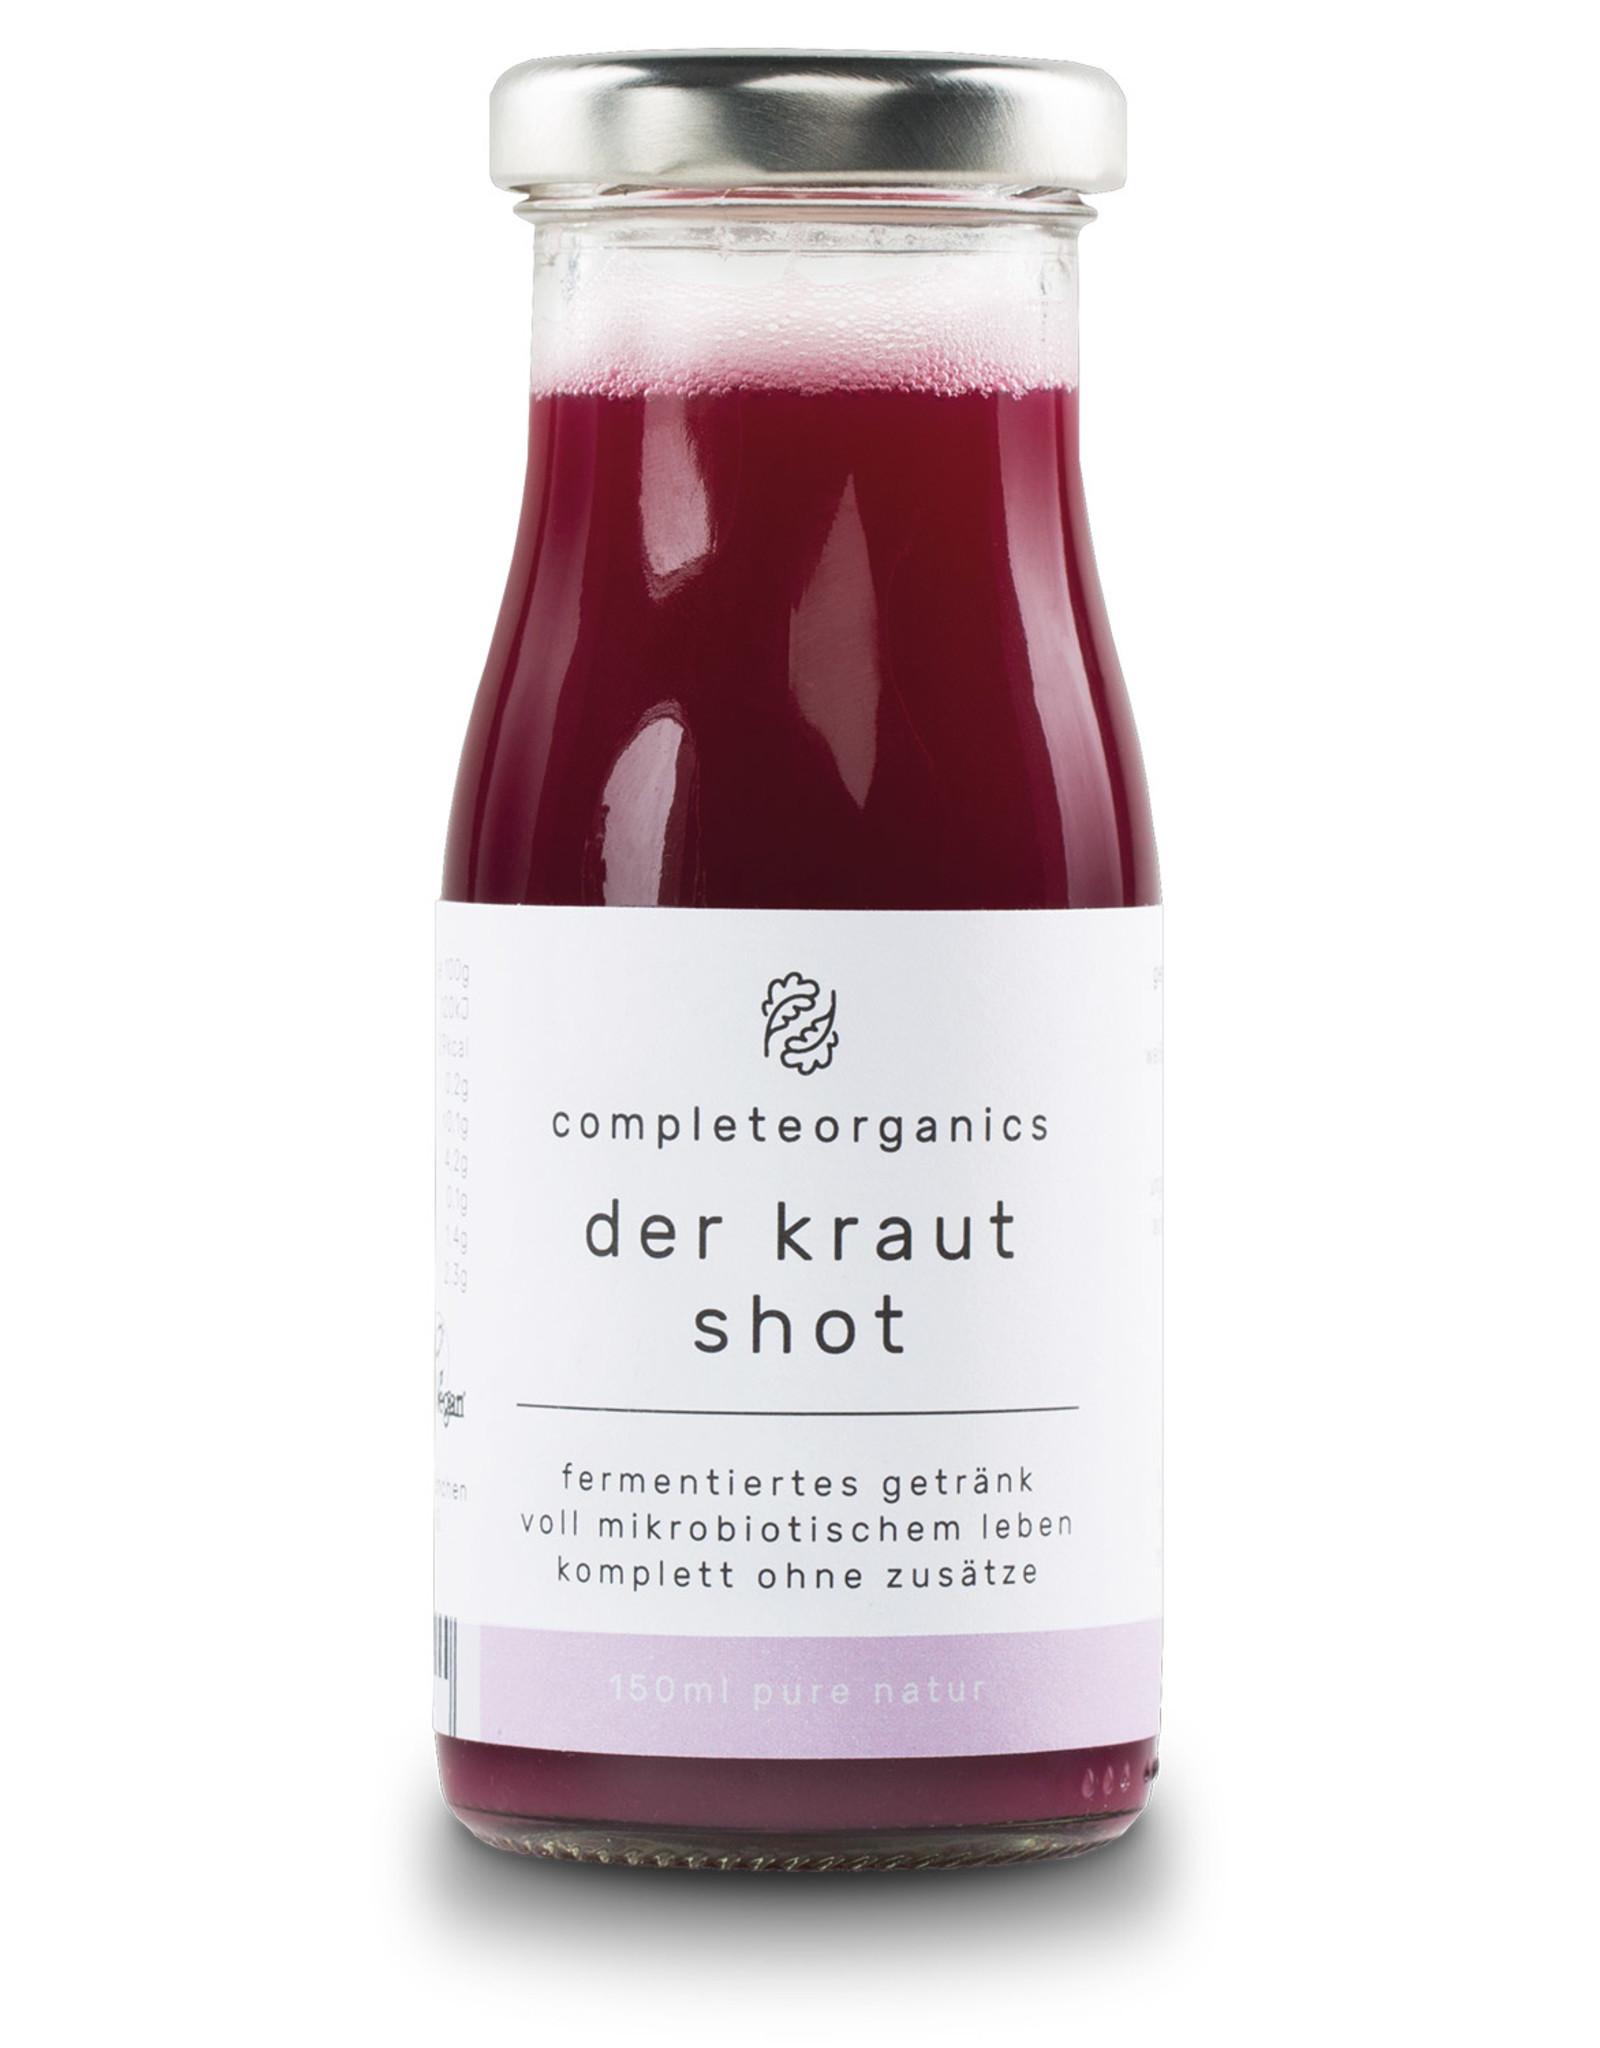 Completeorganics der kraut shot Sauerkrautsaft 150ml